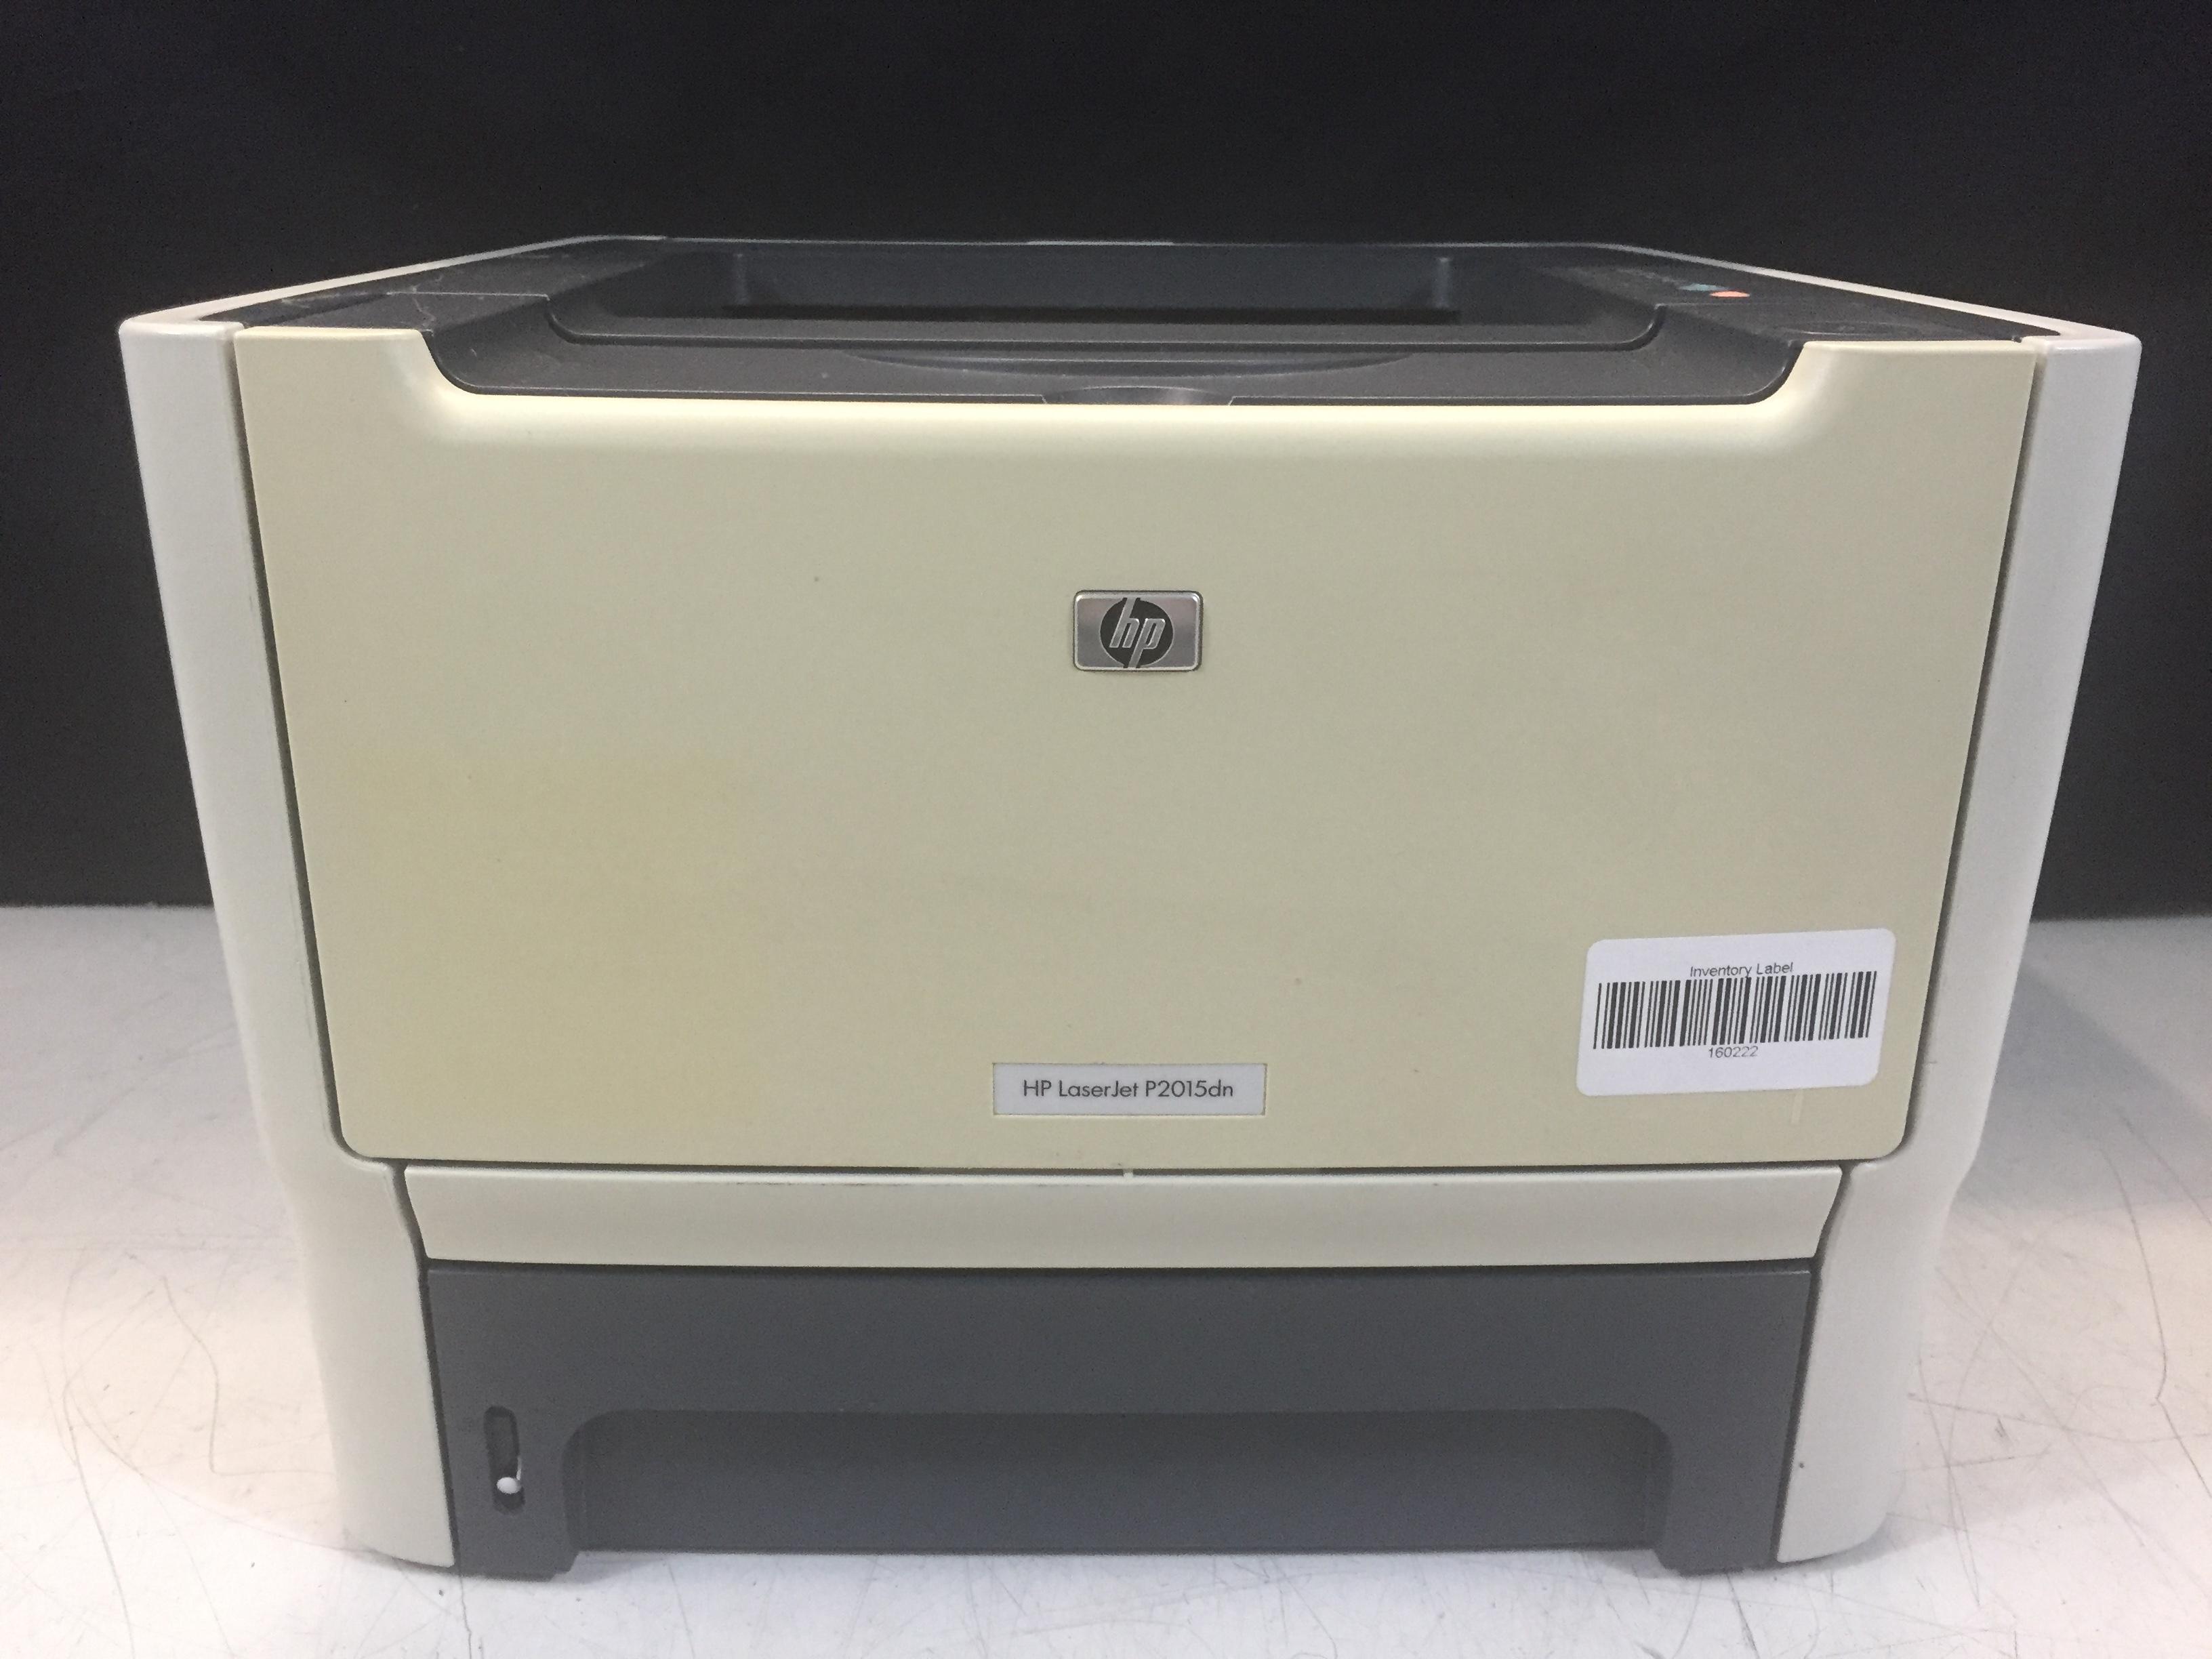 hp laserjet p2015dn cb368a printer 32 mb page count 66k ebay. Black Bedroom Furniture Sets. Home Design Ideas